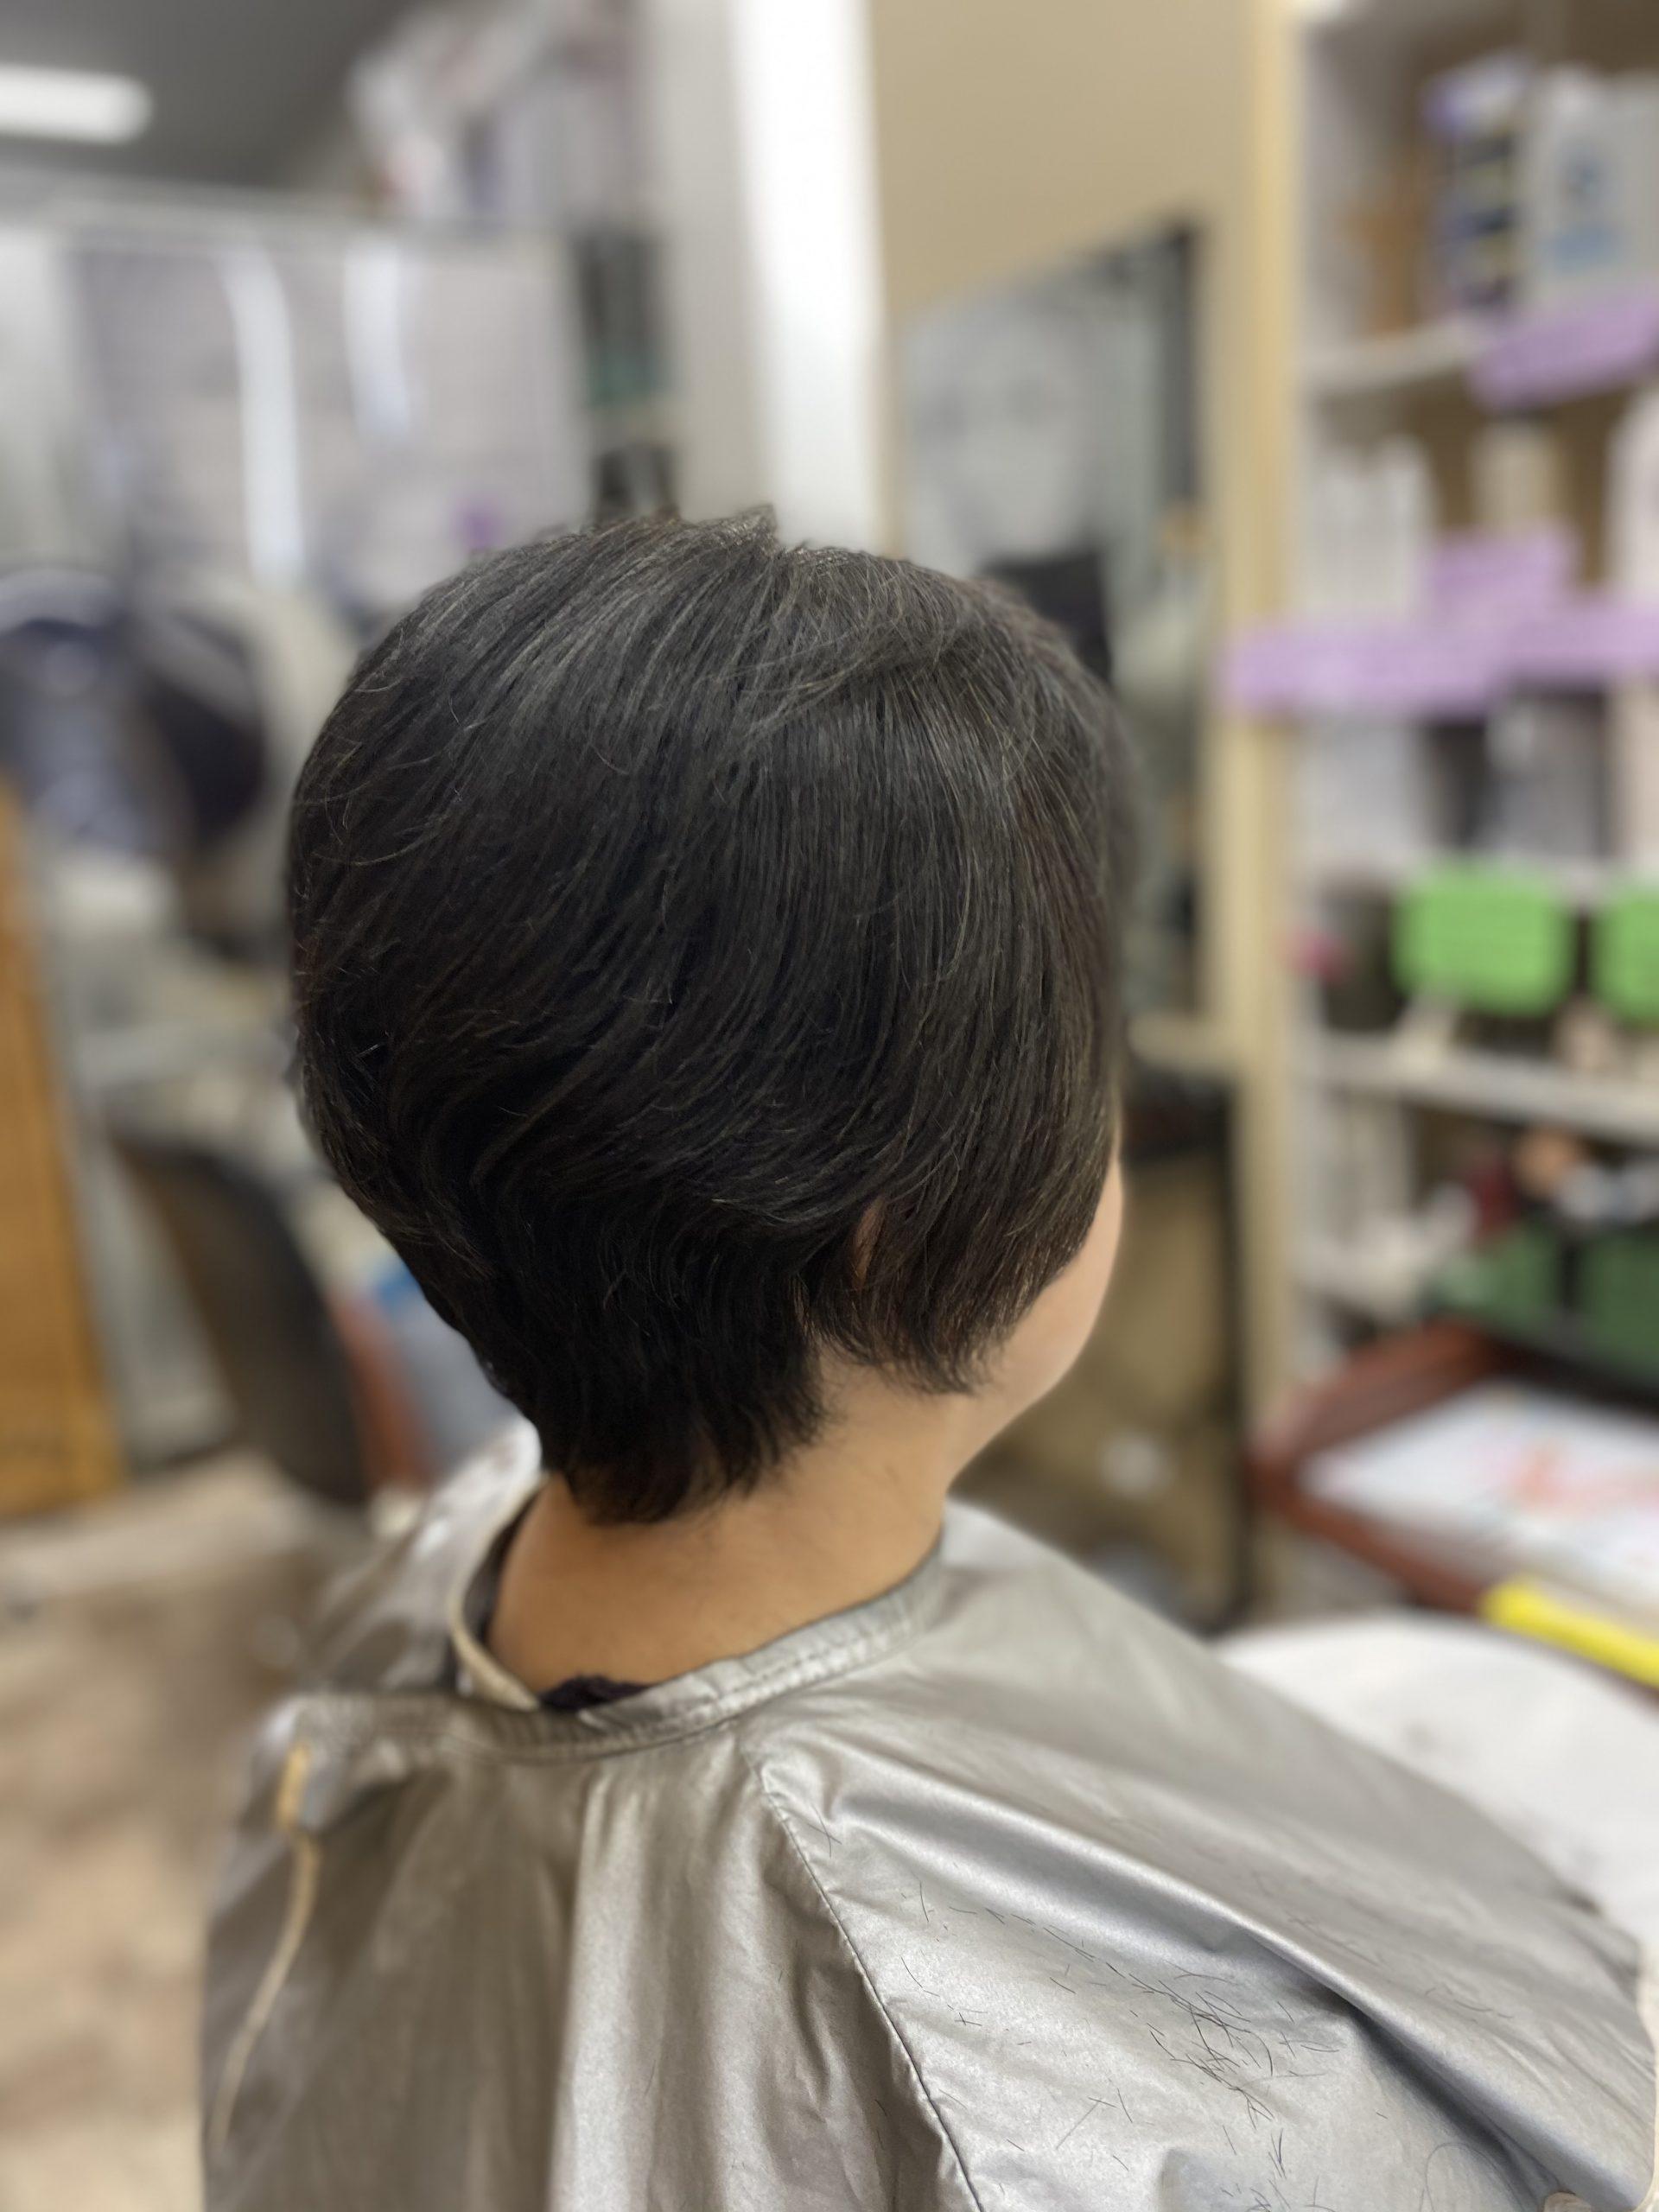 くせ毛であろうとも、カットだけで形にする